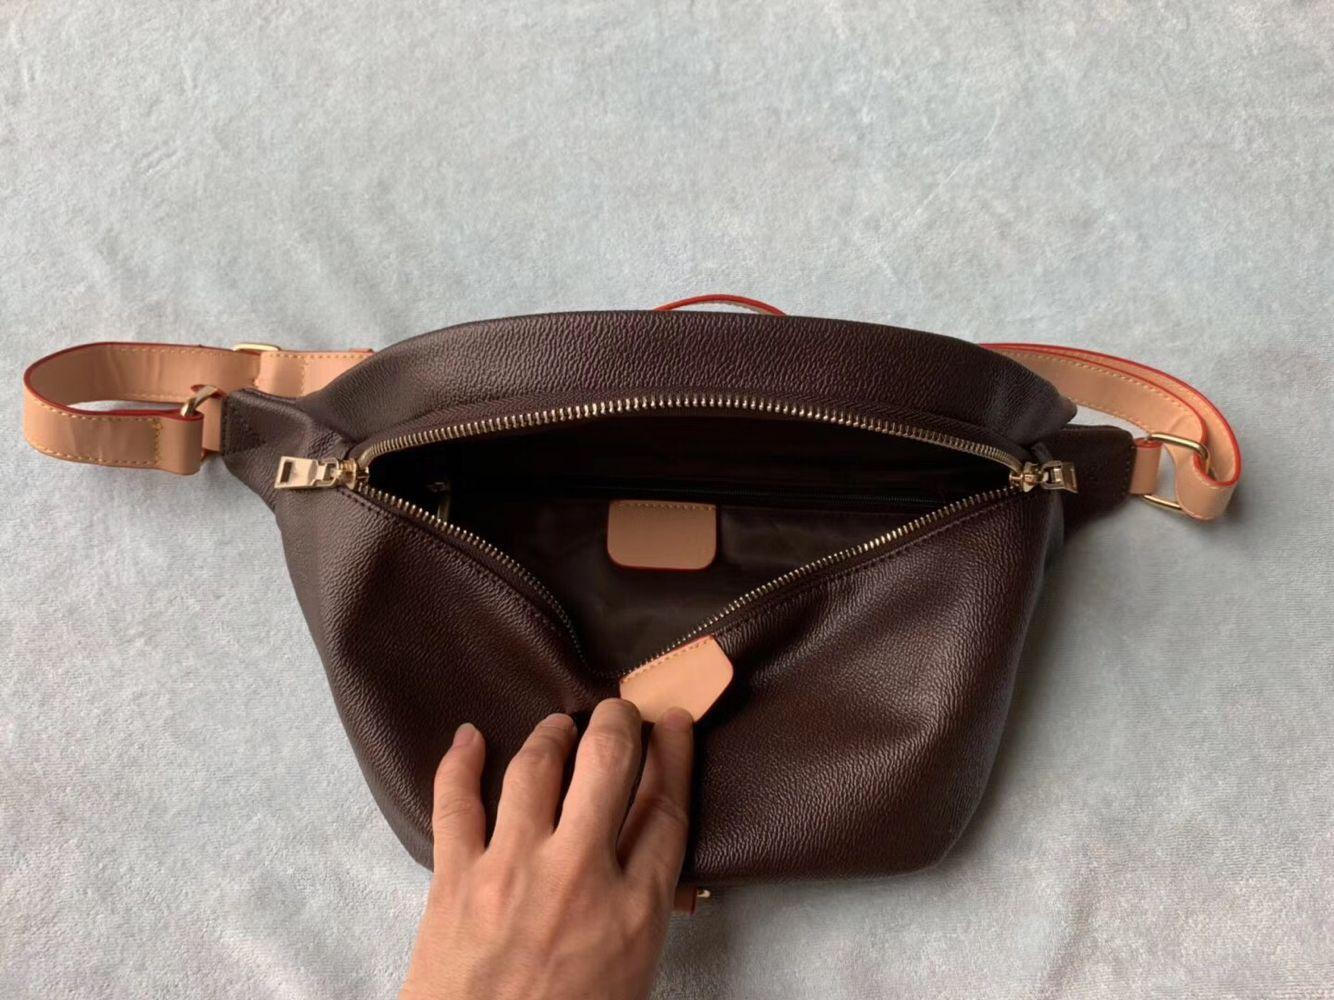 Высококачественные сумки бренда подмышенные портативные женские сумки роскошные круглосуточные